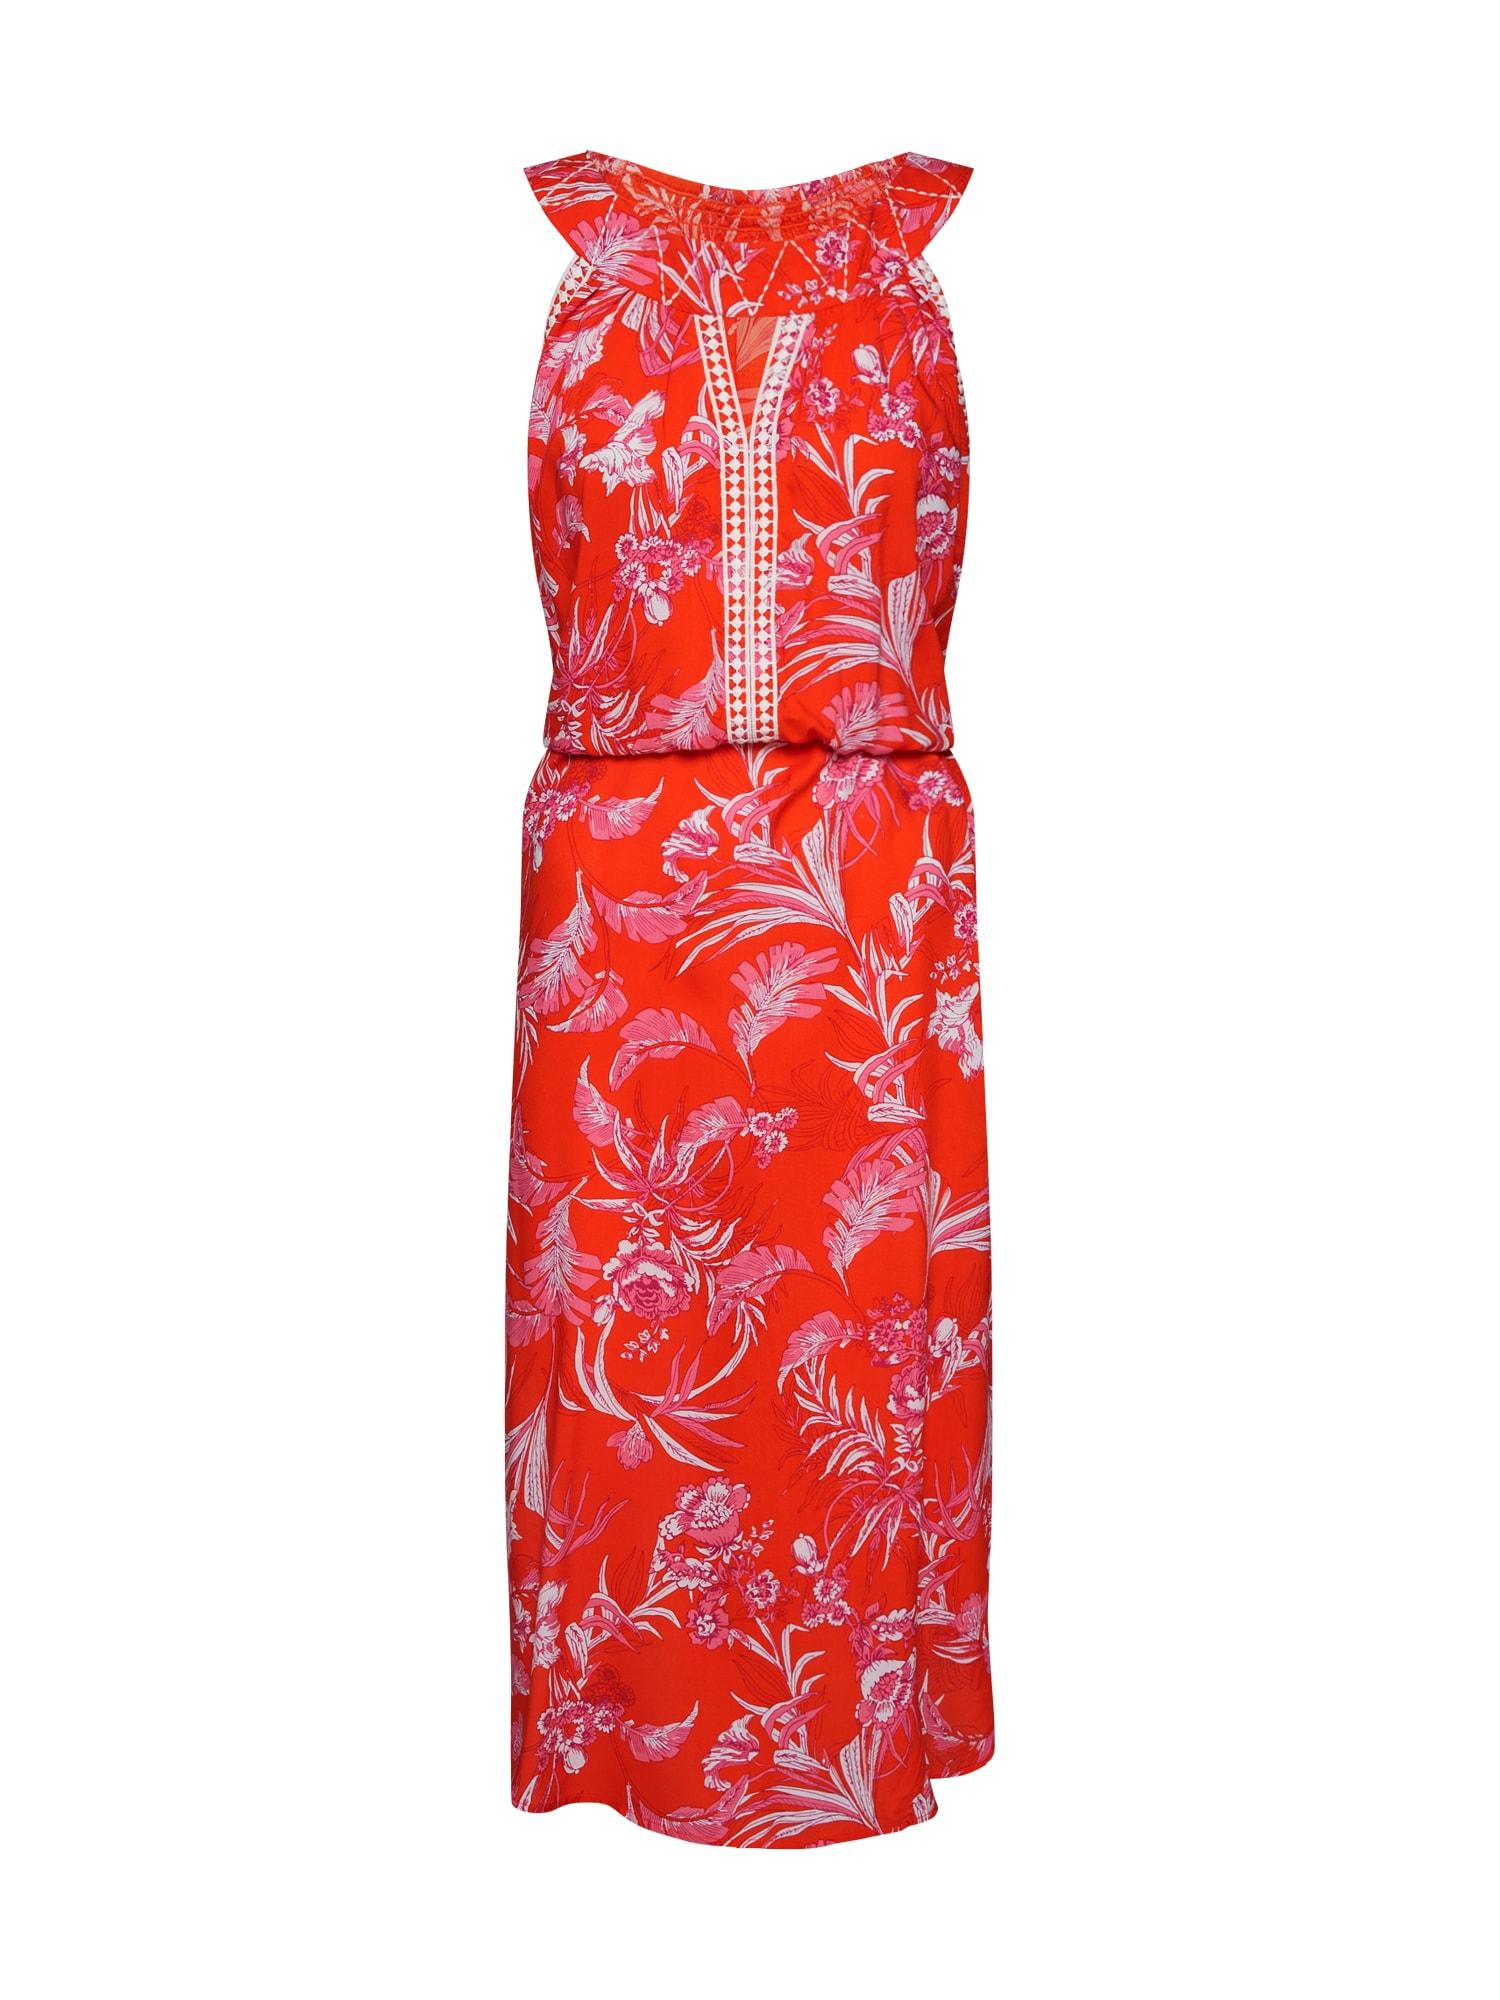 Letní šaty summer goddess robe fialová mix barev červená Blutsgeschwister